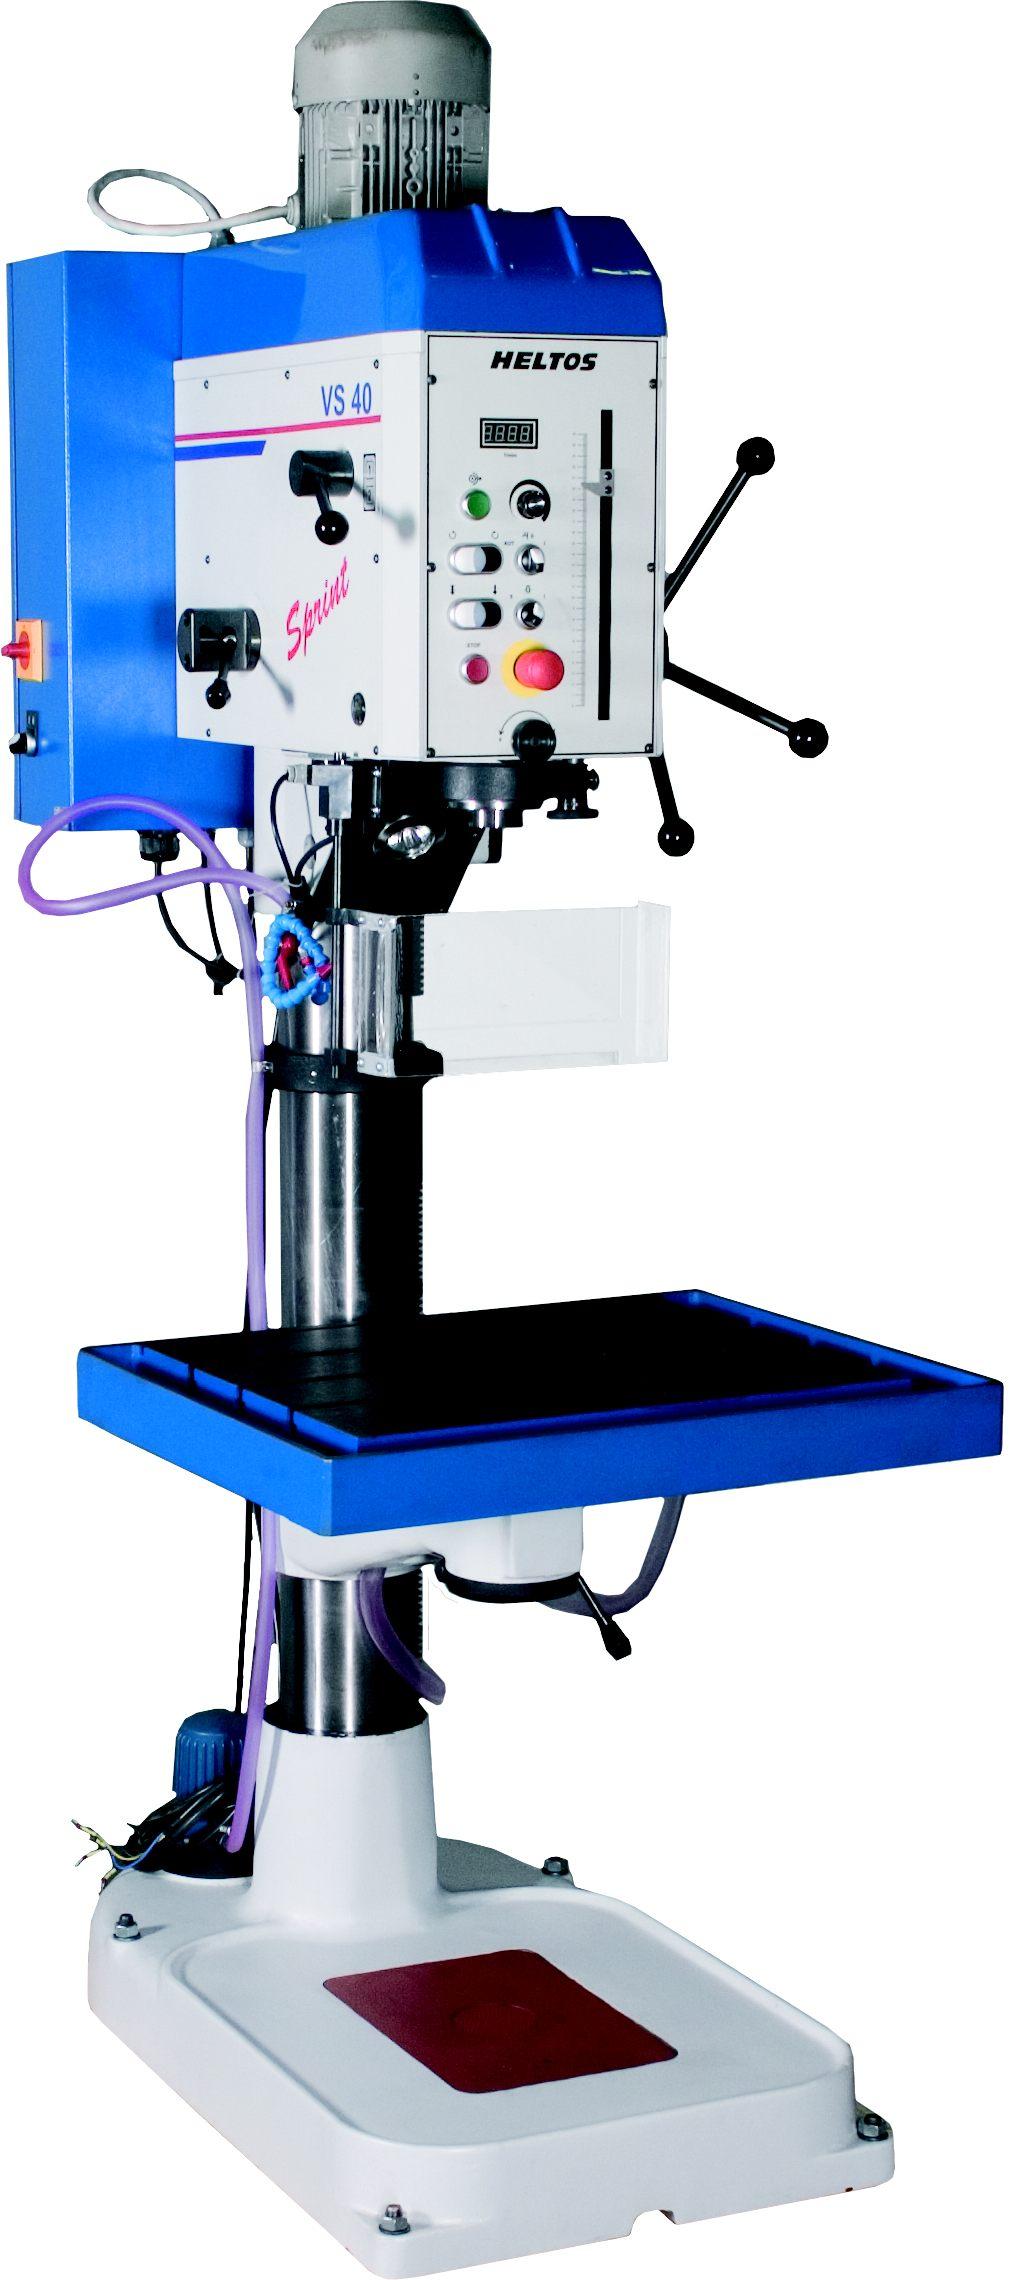 Nabízíme prodej nástrojů, ale také pomoc s ustavením stroje a jeho obsluhou nebo servis.